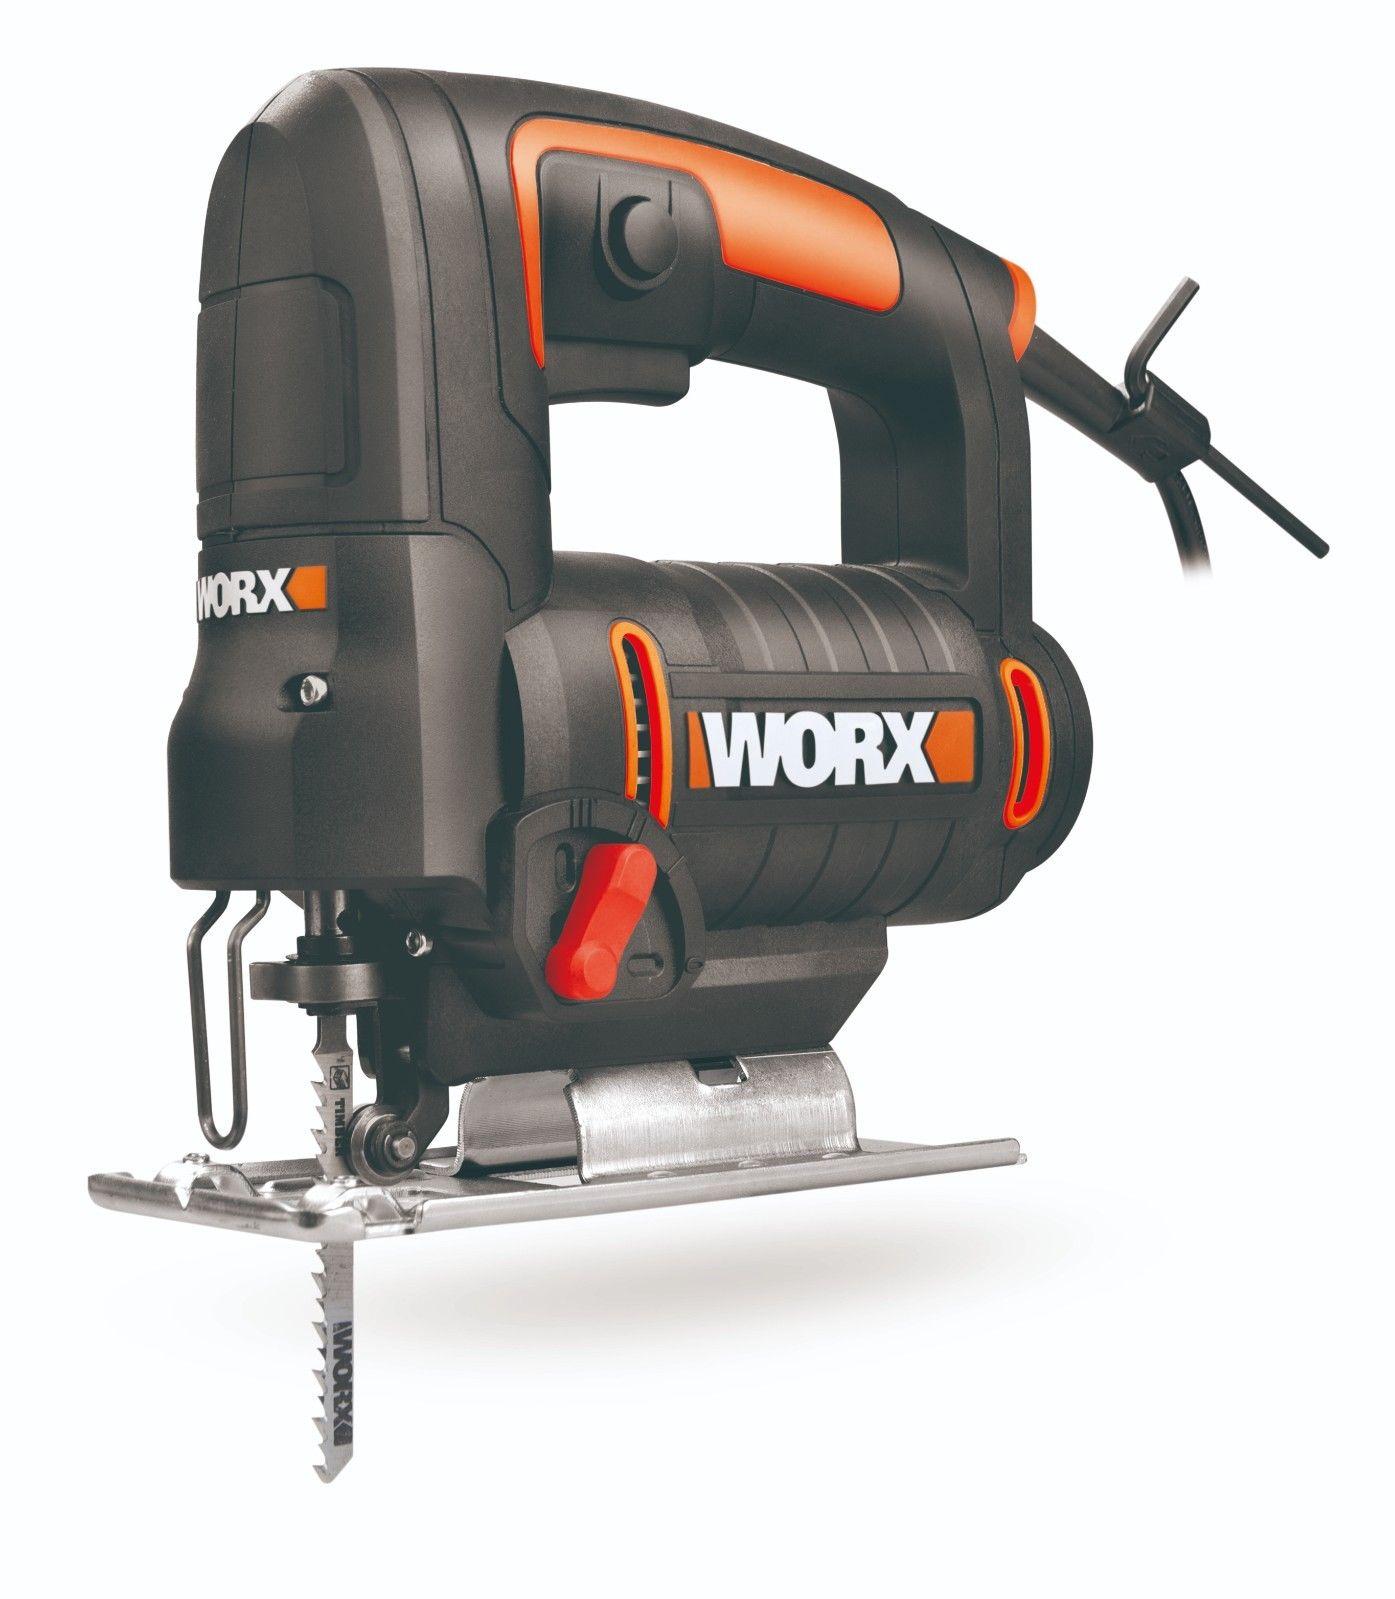 WORX WX477 550W Jigsaw £24.99 at positecworx / ebay